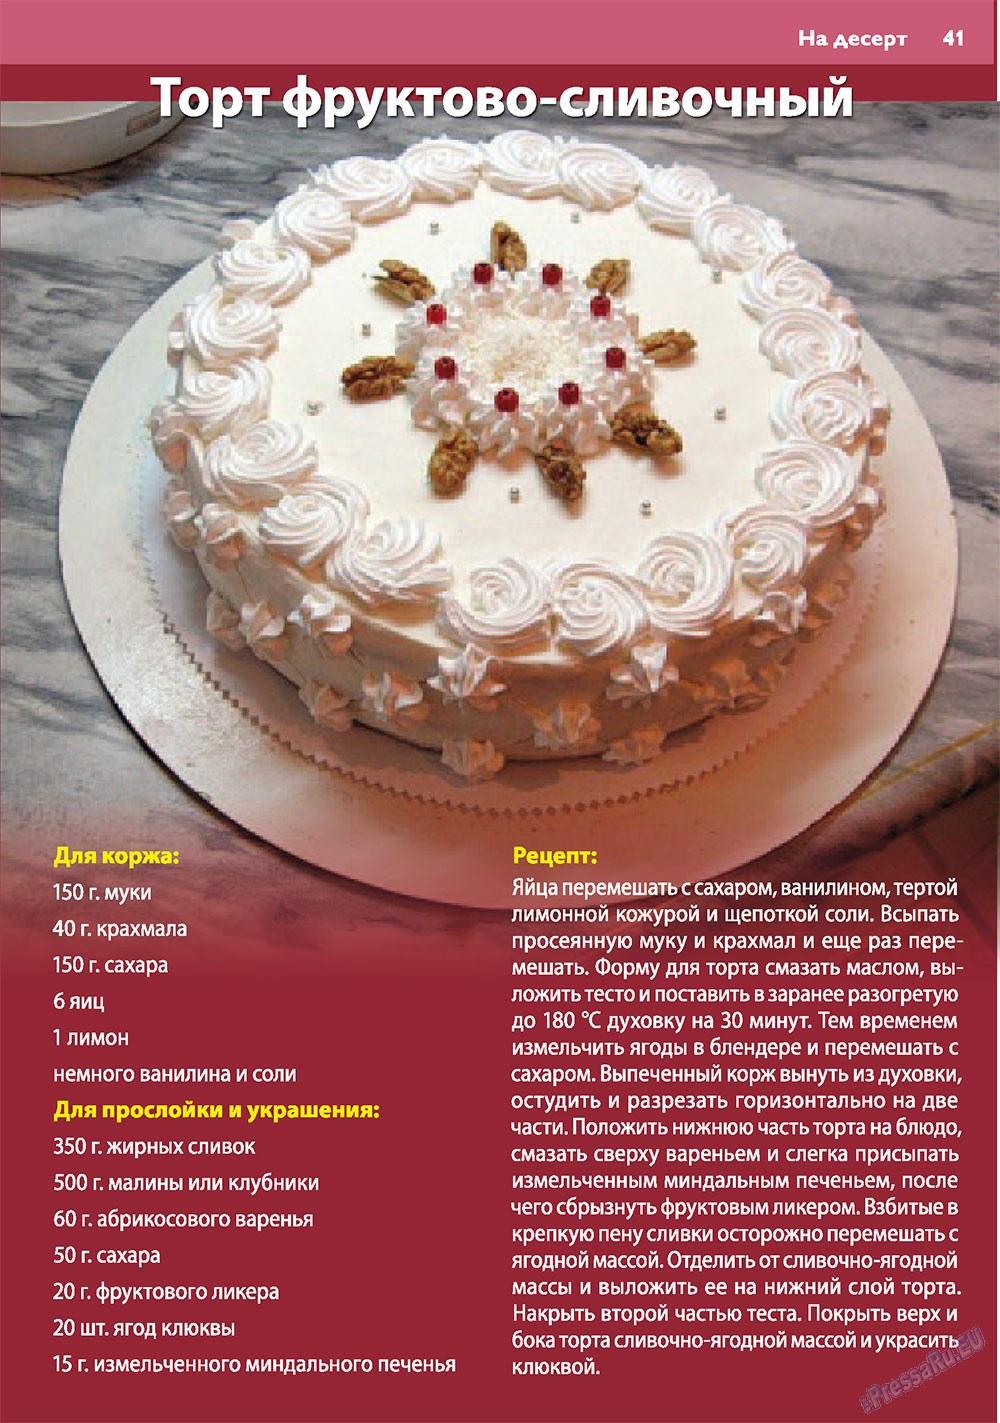 Апельсин (журнал). 2010 год, номер 10, стр. 41